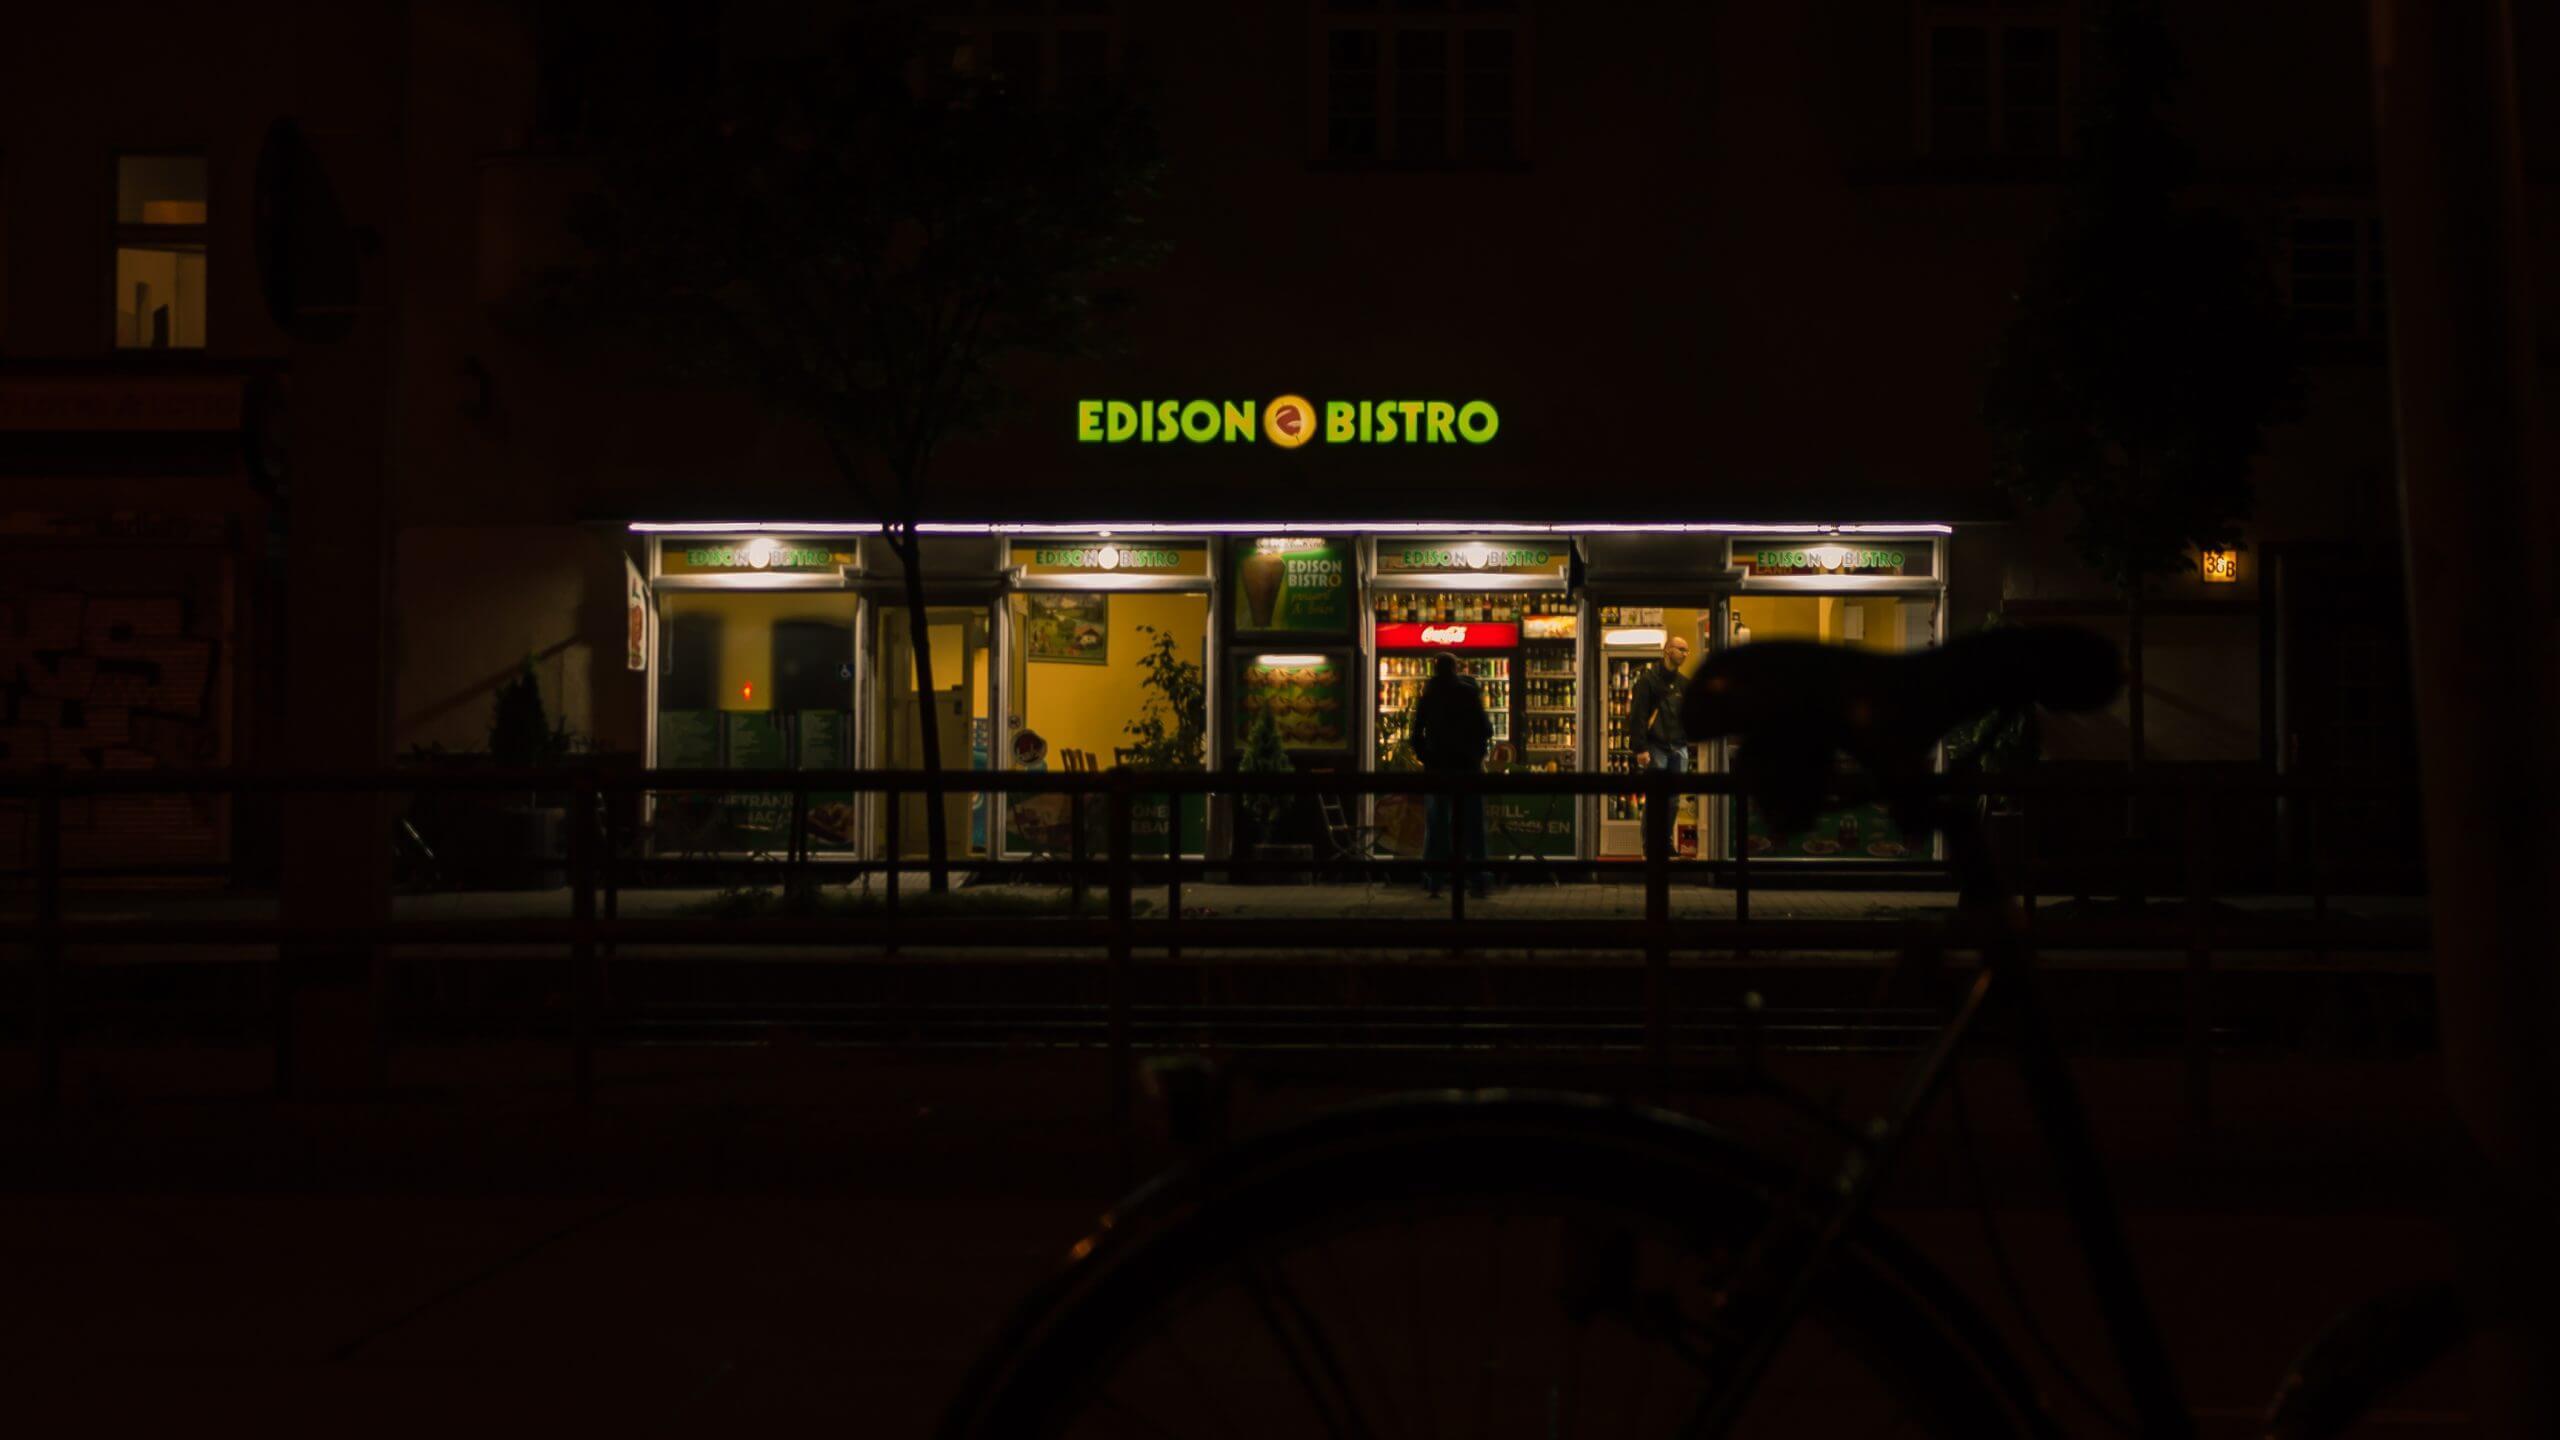 Edison Bistro in Schöneweide